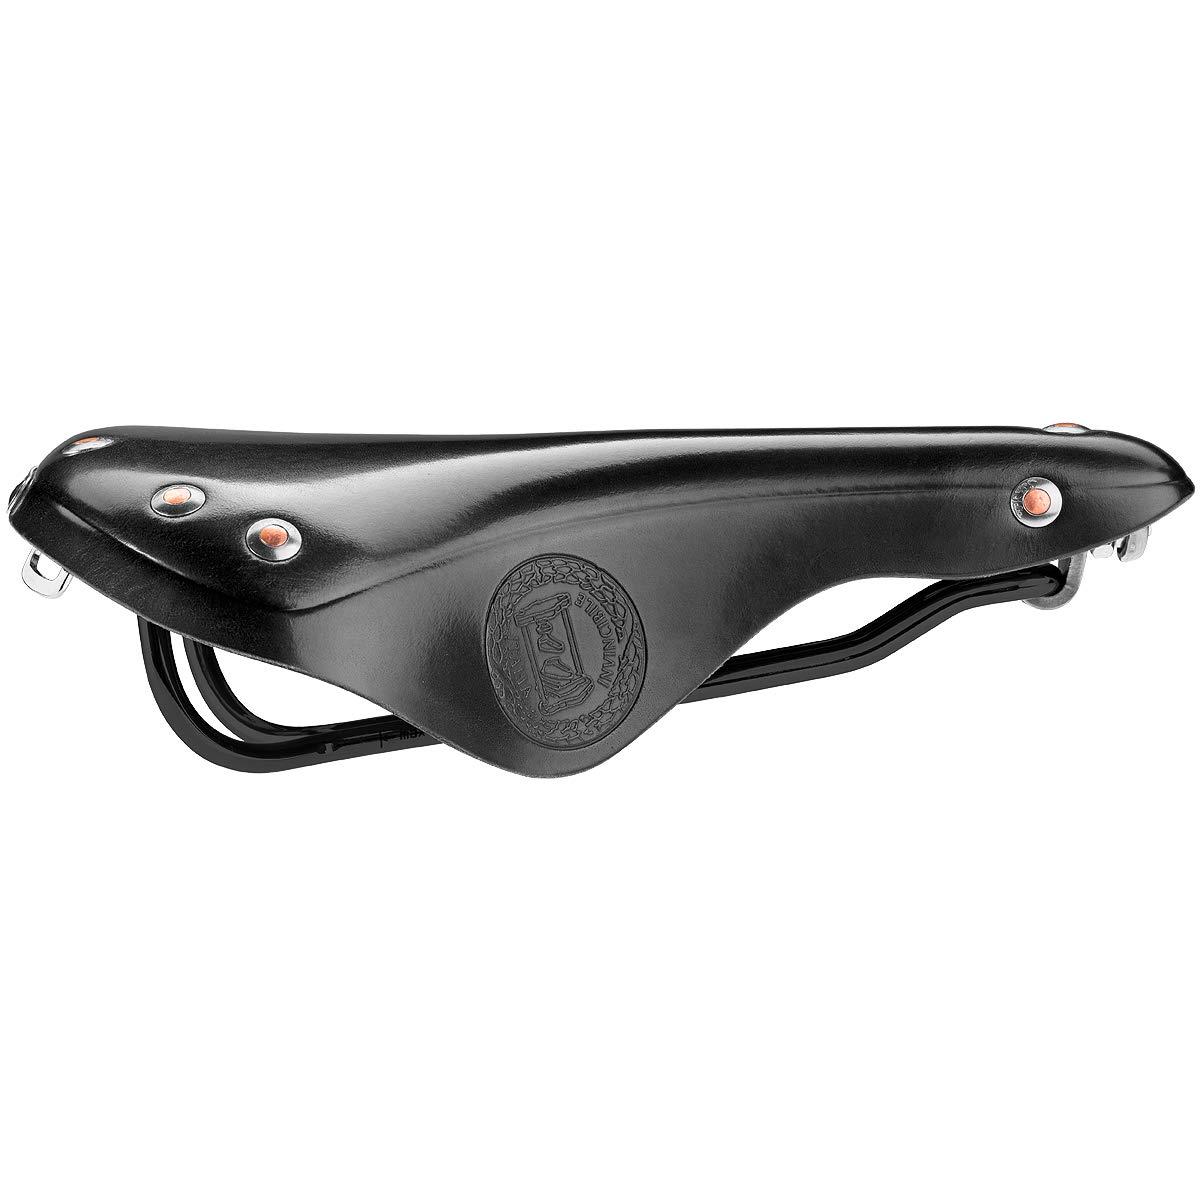 Amazon.com : selle ITALIA Adult EPOCA Steel Saddle, Black : Sports & Outdoors